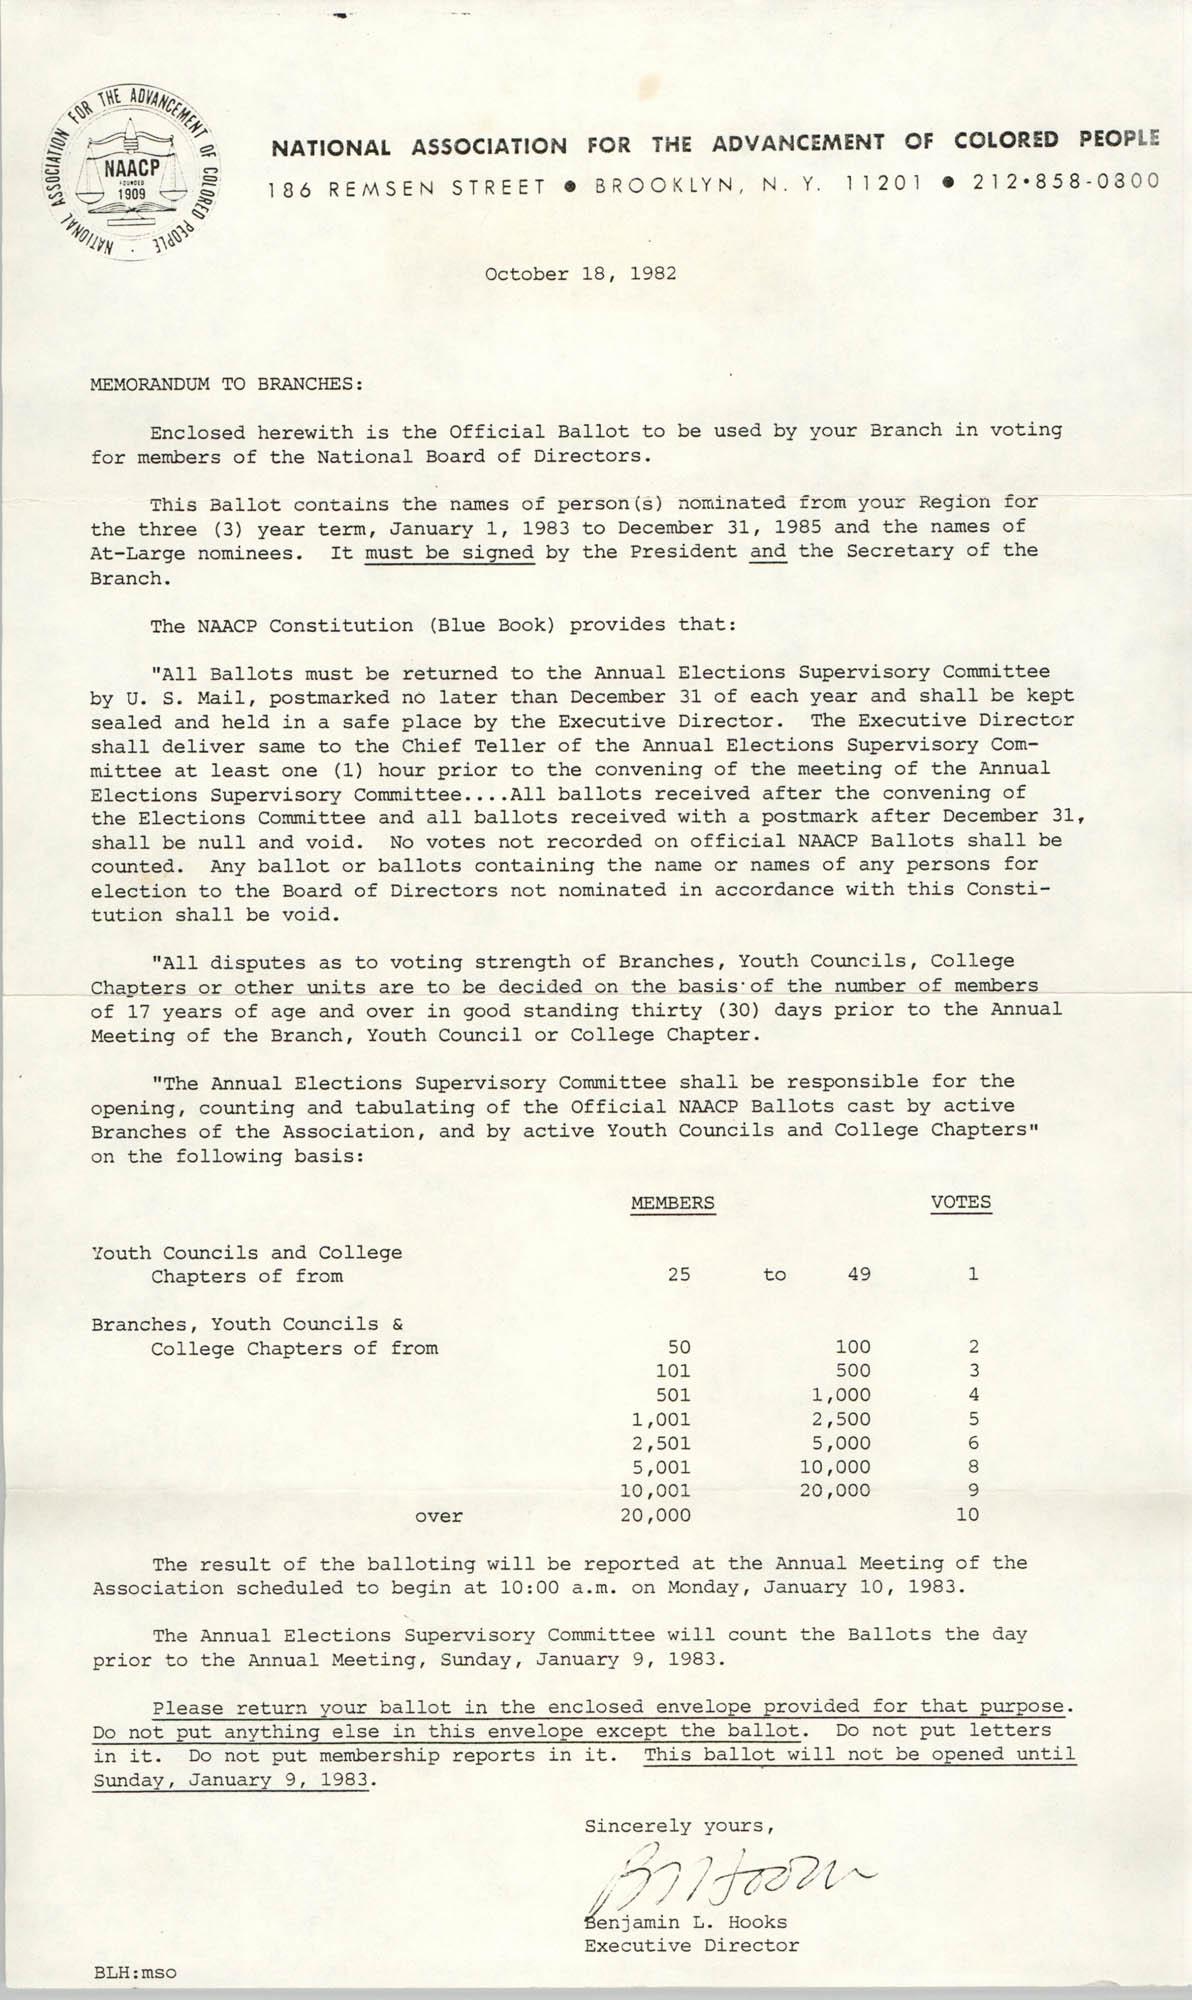 NAACP Memorandum, October 18, 1982